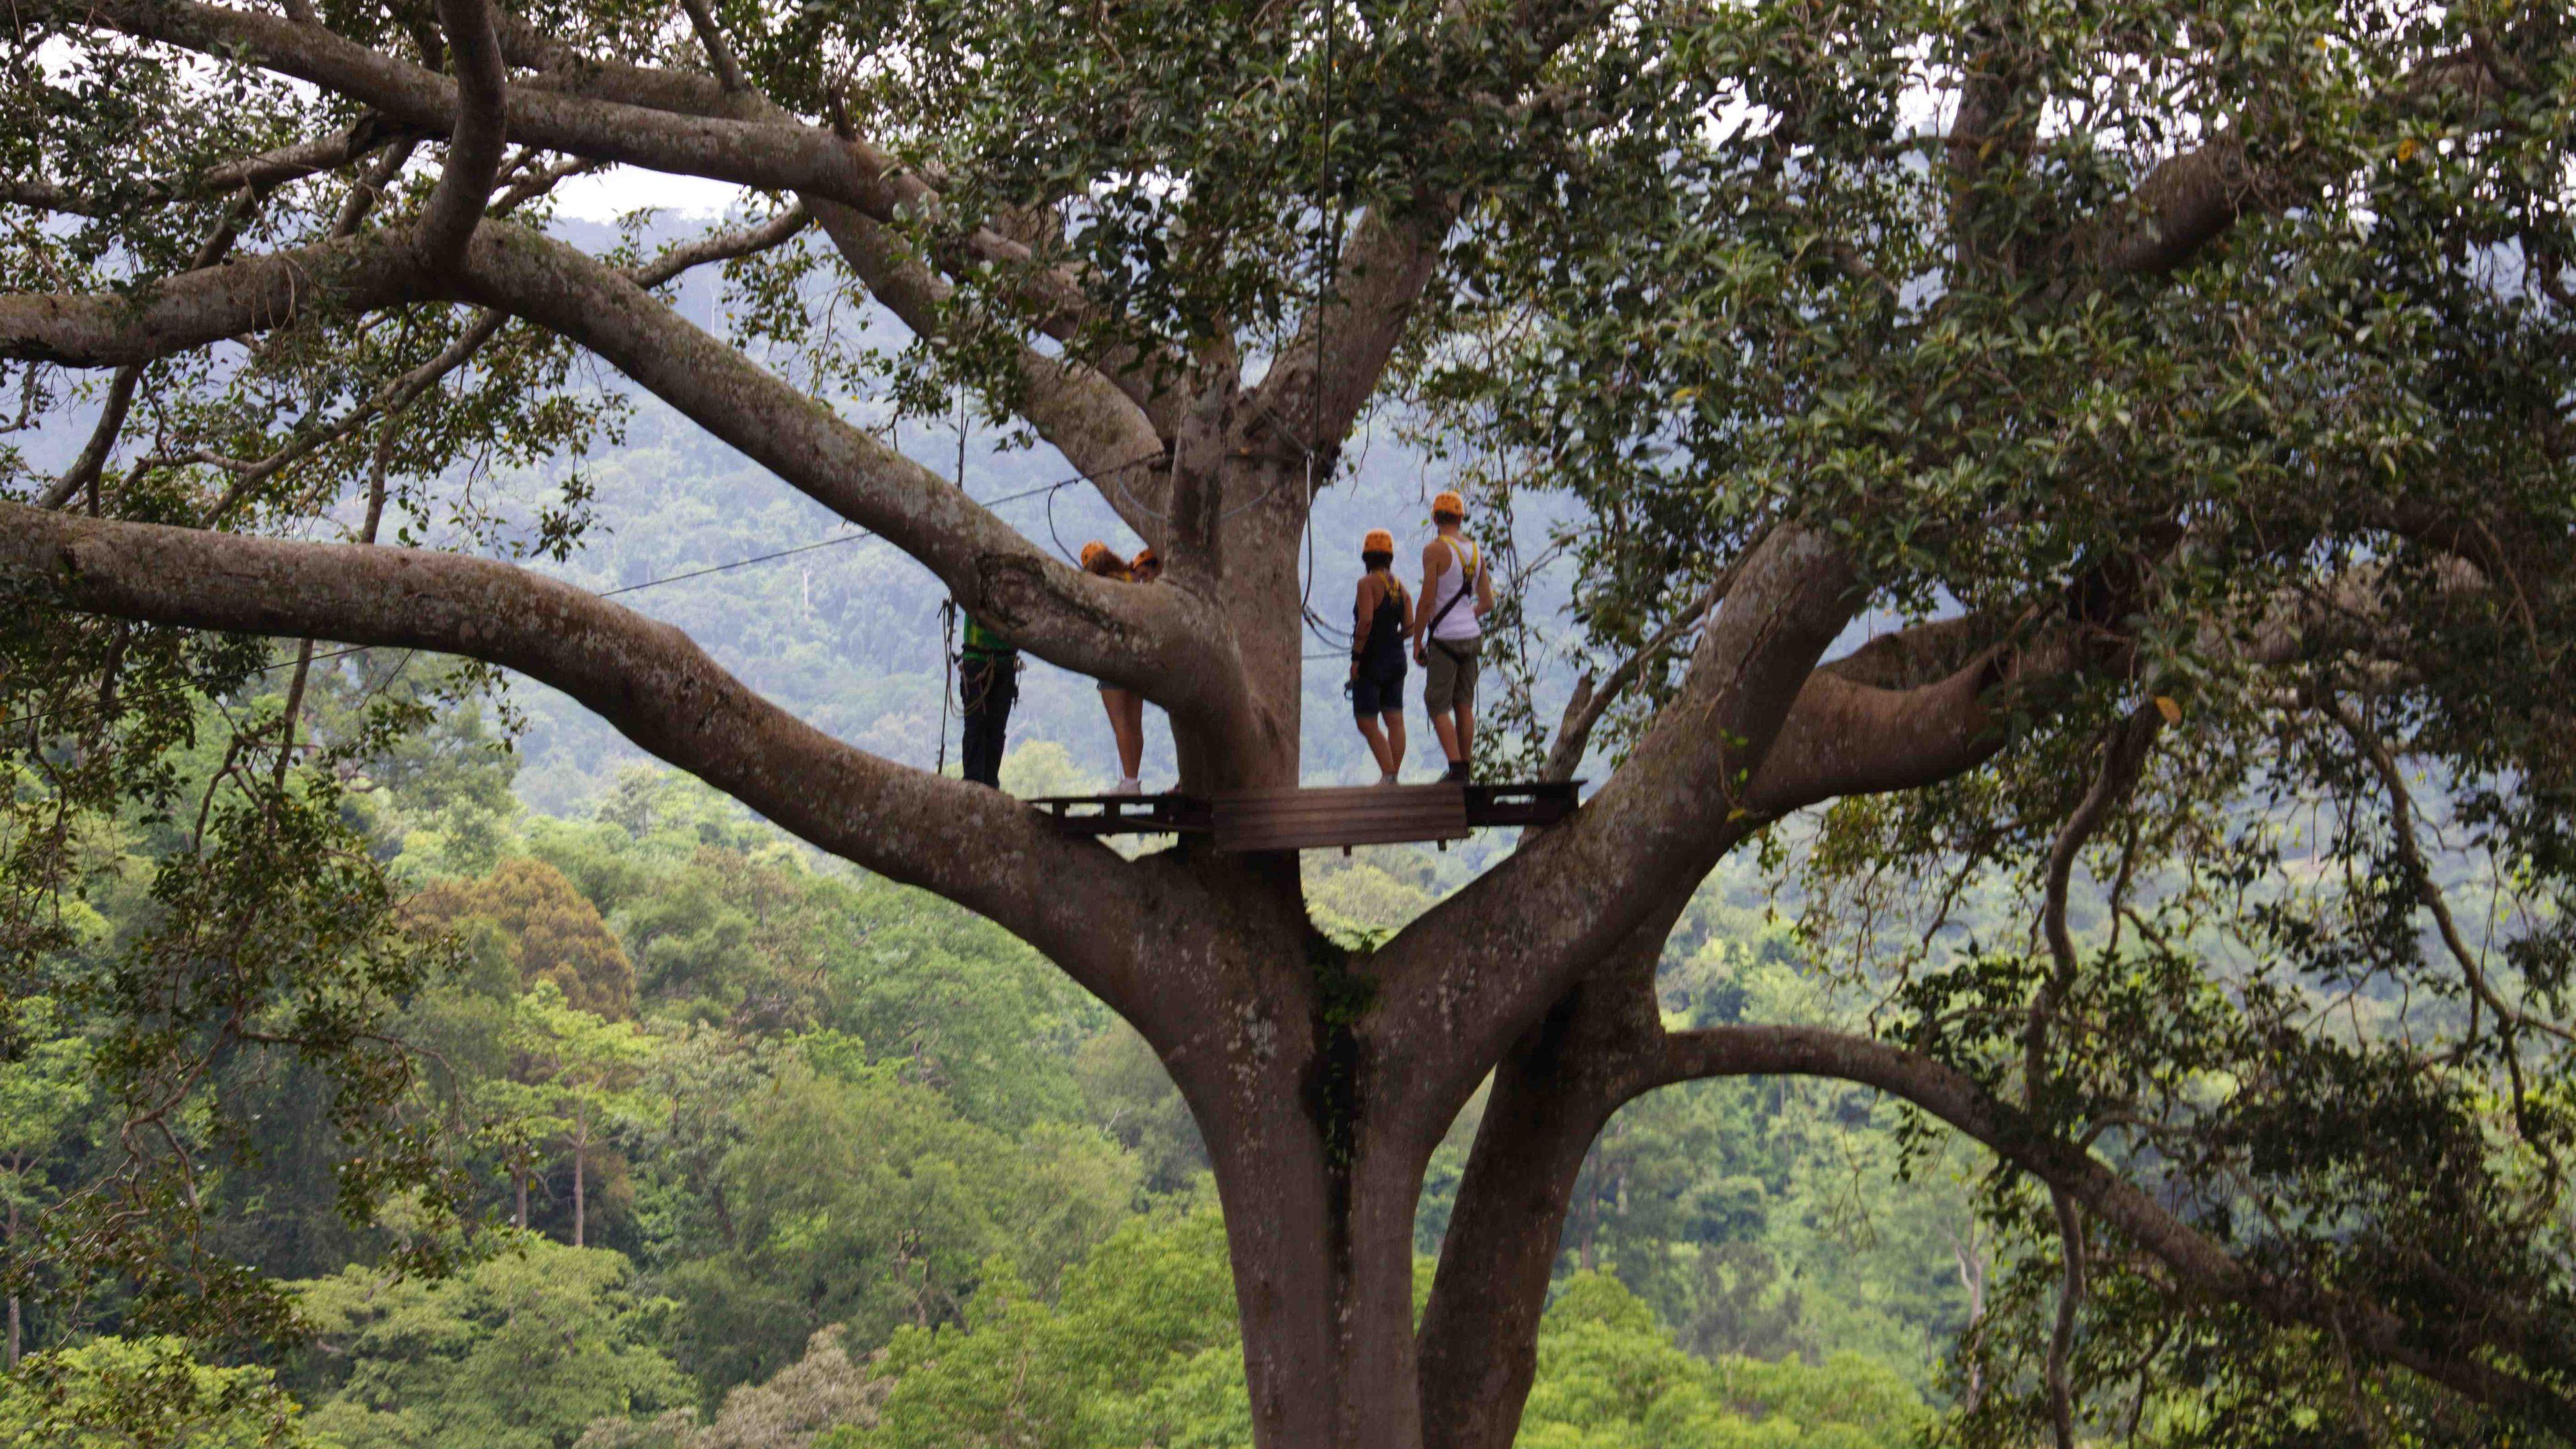 People high in trees on zip line platform